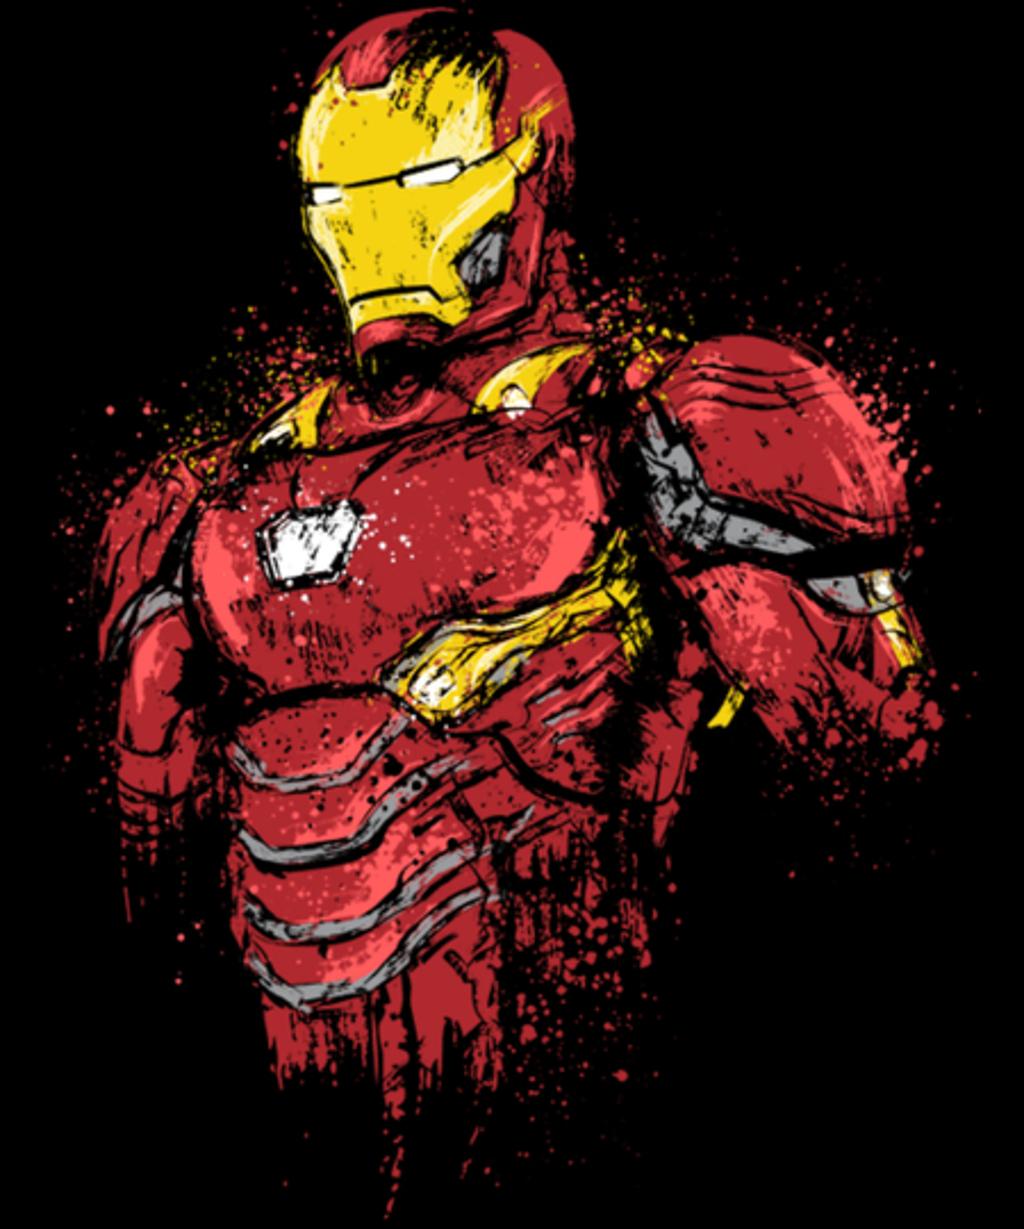 Qwertee: Infinity Iron